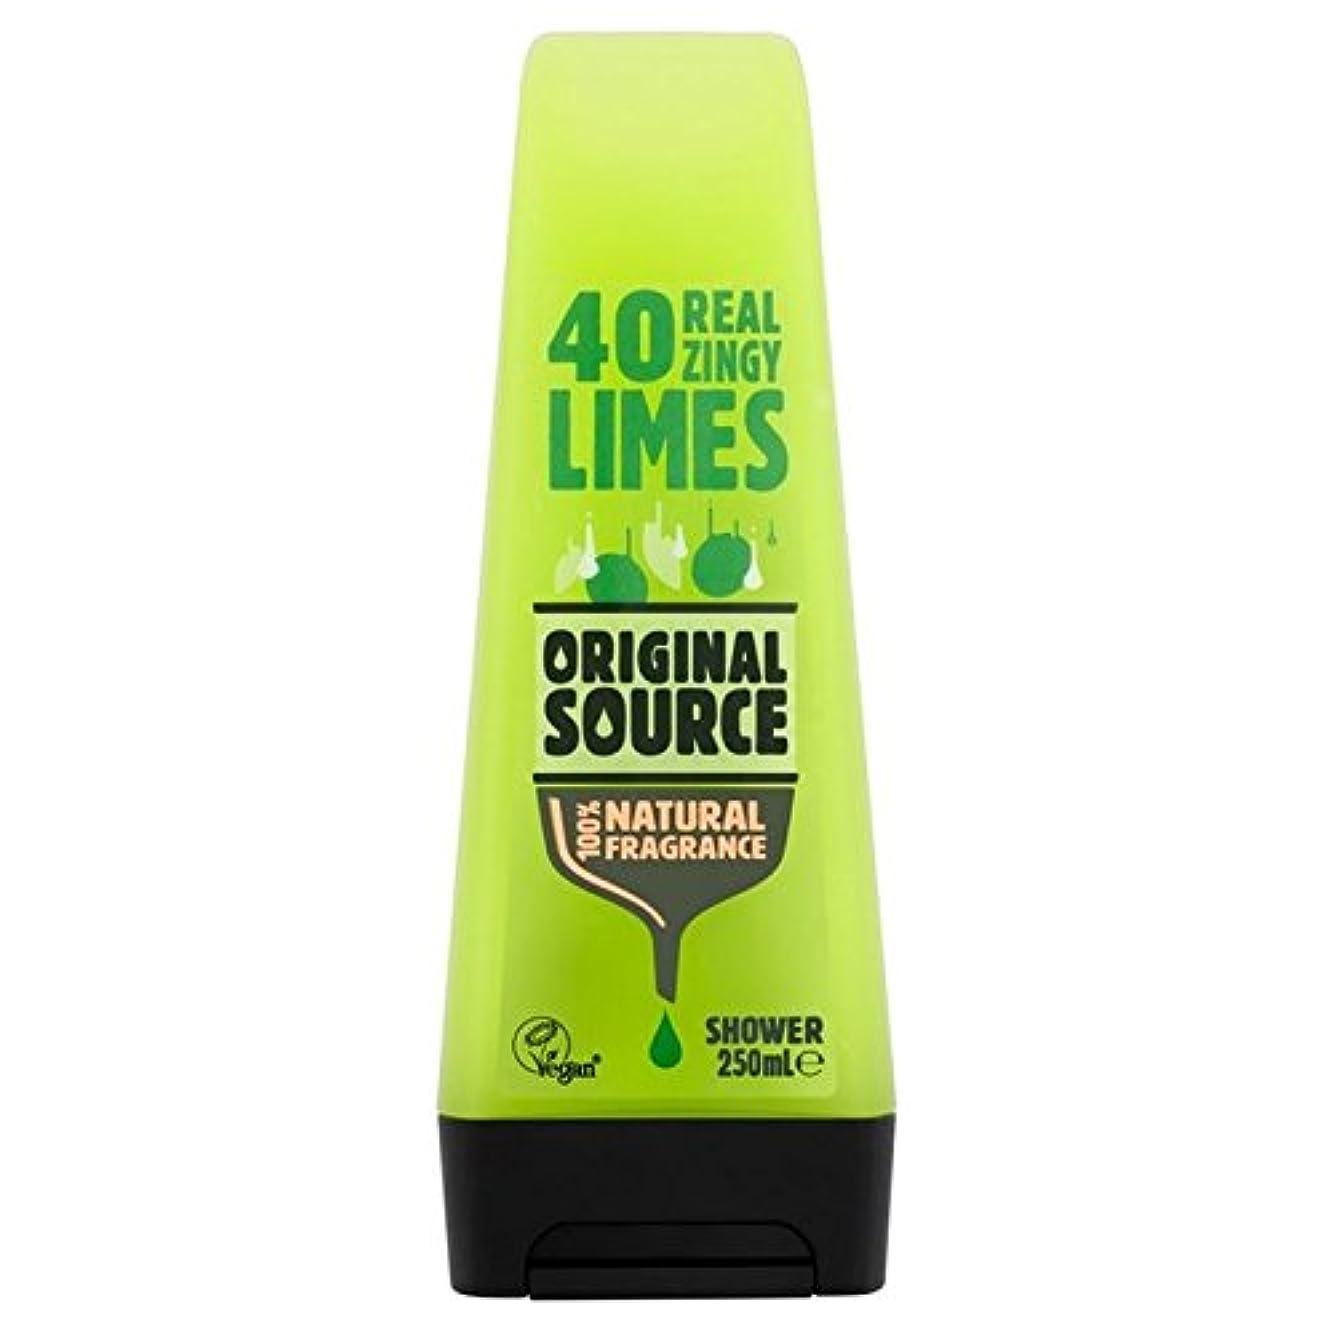 杭中絶計算する元のソースライムシャワージェル250ミリリットル x4 - Original Source Lime Shower Gel 250ml (Pack of 4) [並行輸入品]